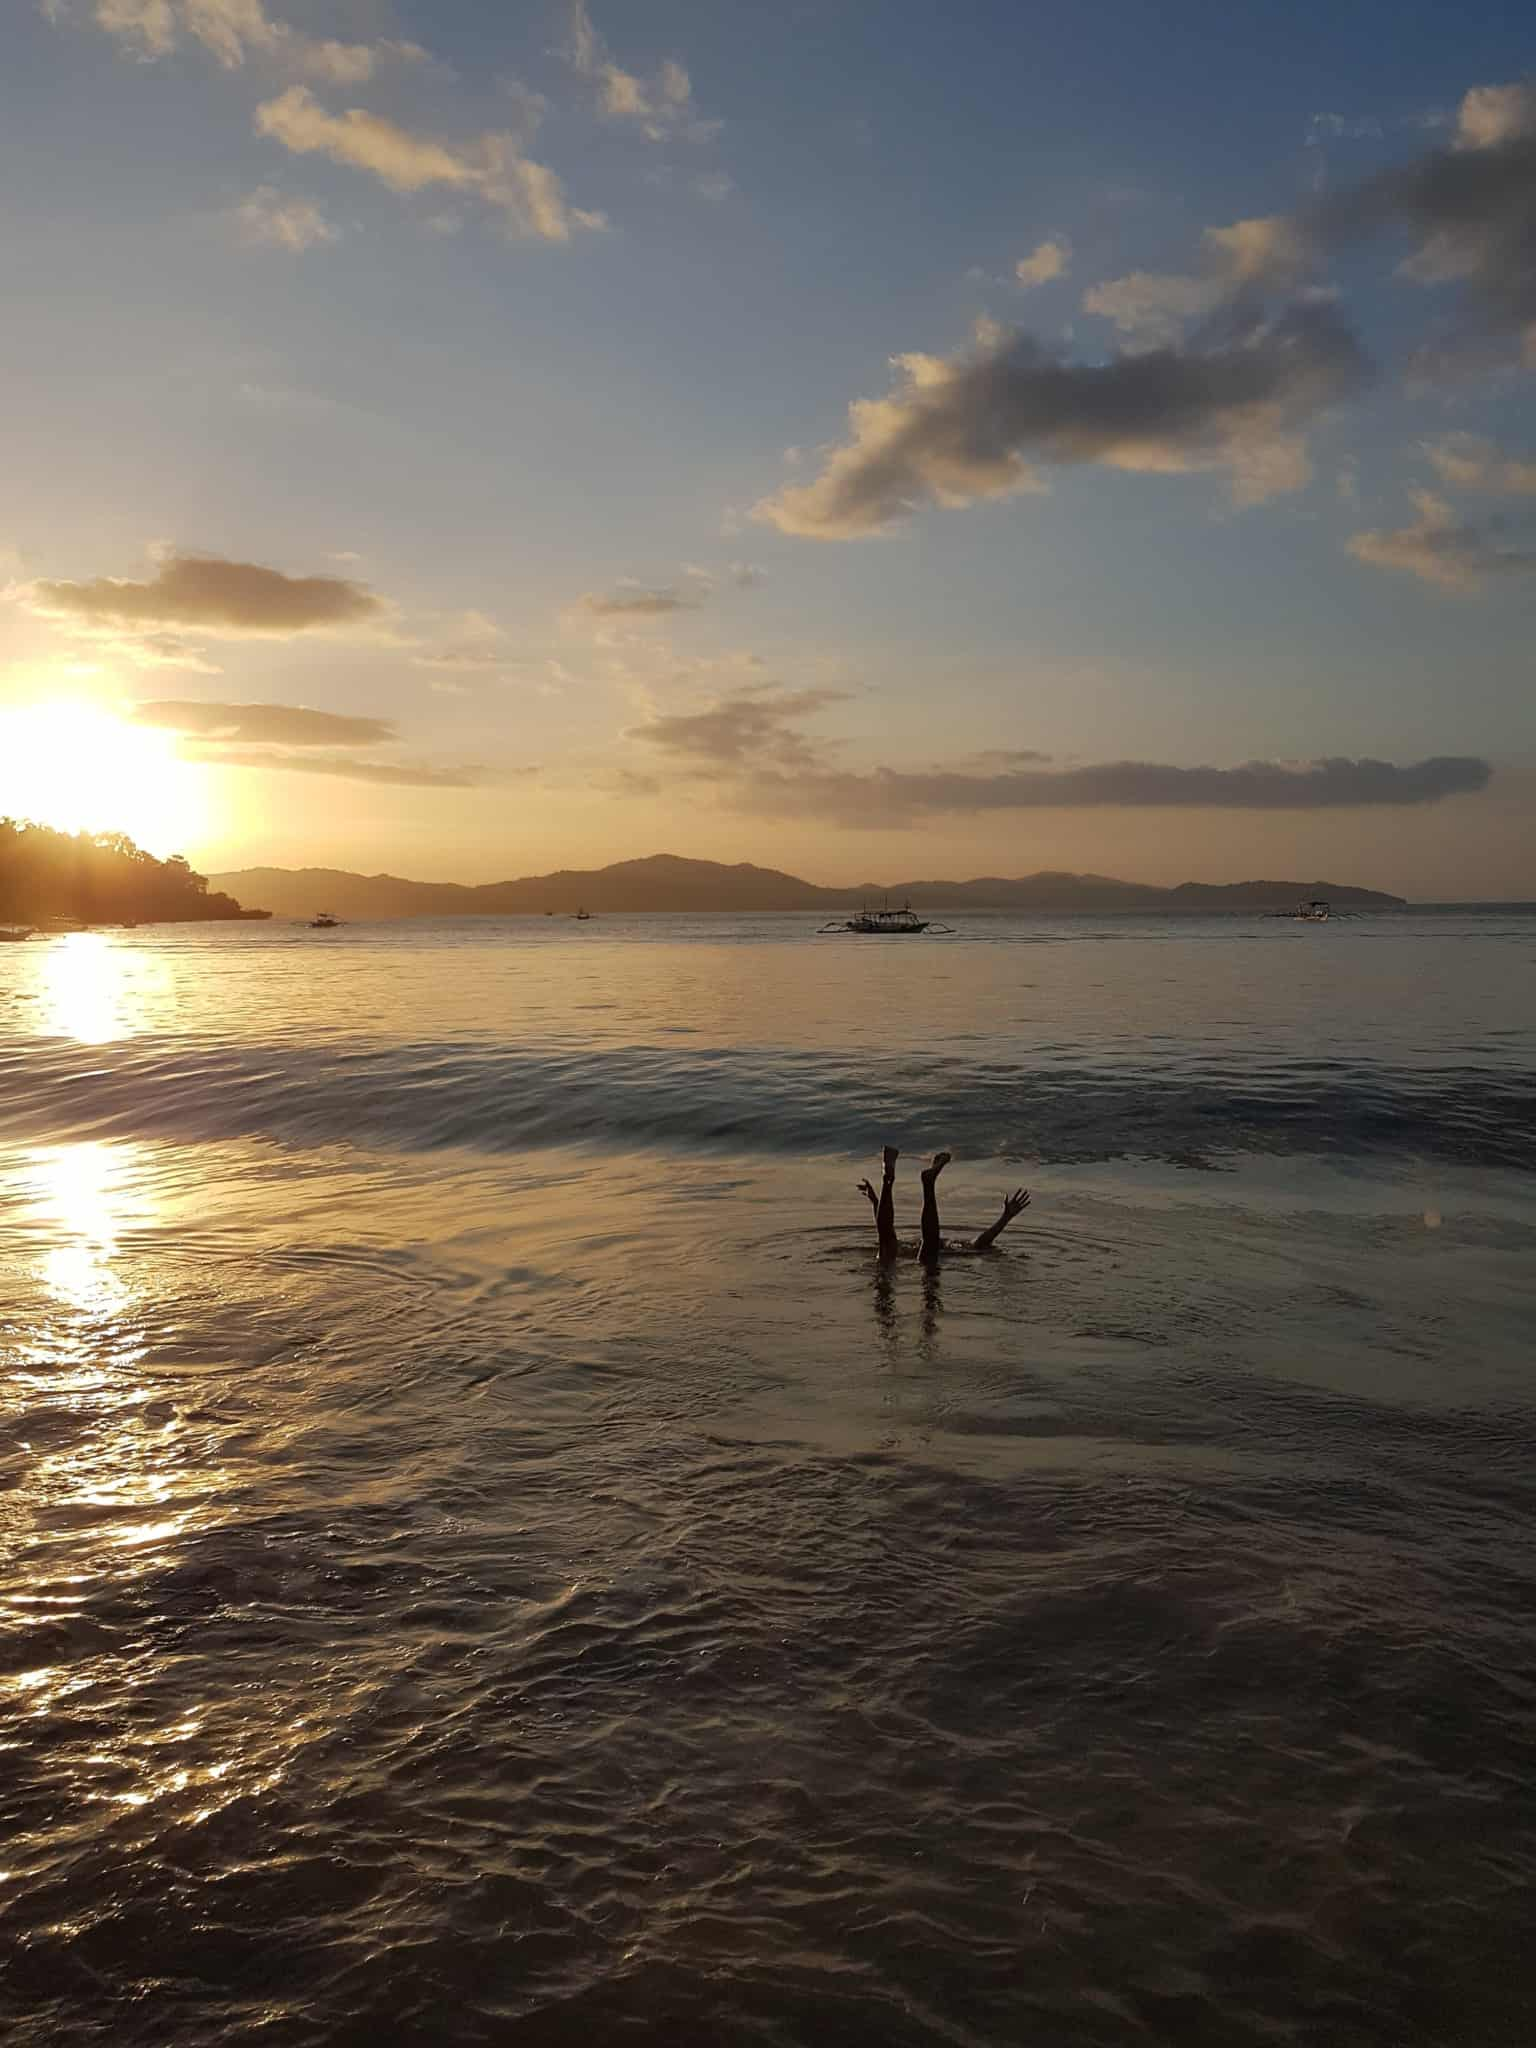 Philippines, comment je me suis retrouvée seule sur une île déserte 🧜♀️ 11